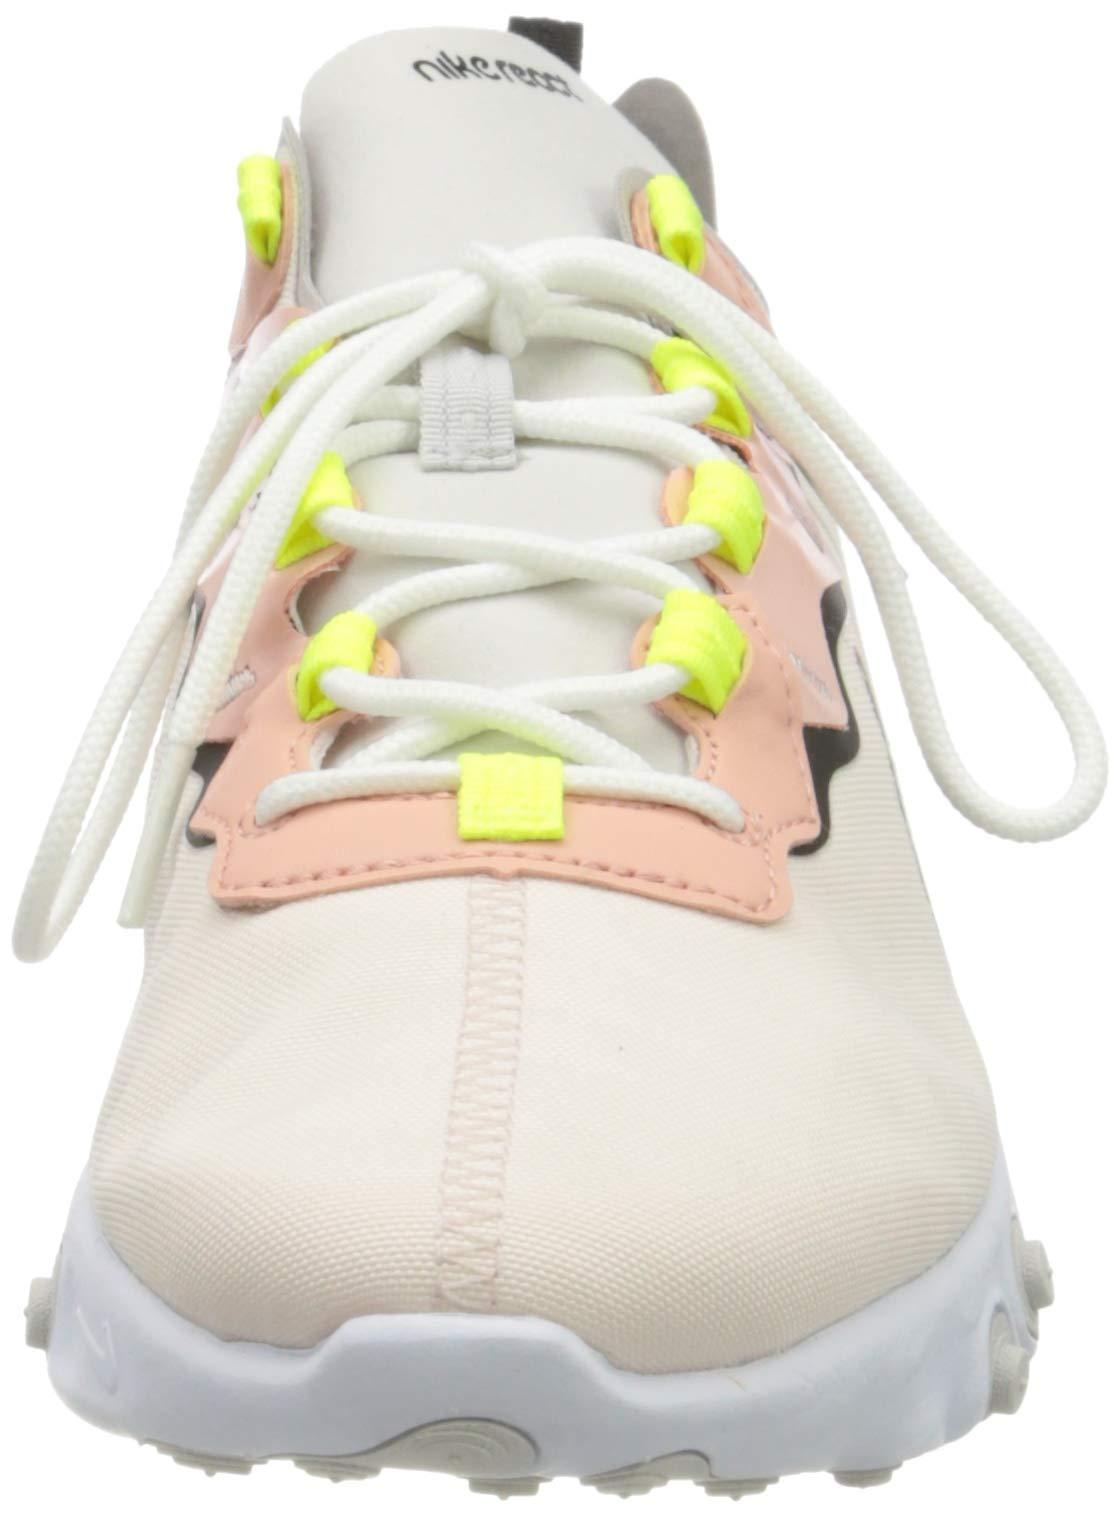 61ikJiBGVPL - Nike Women's W React Element 55 PRM Track & Field Shoes